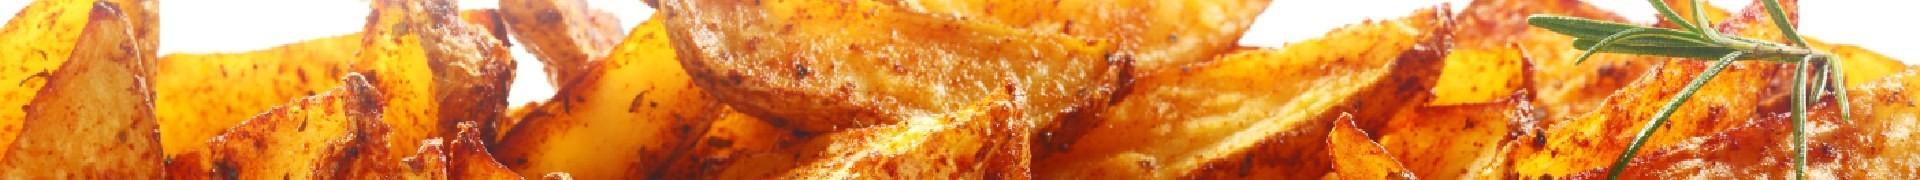 Specialități din cartofi congelati / fresh